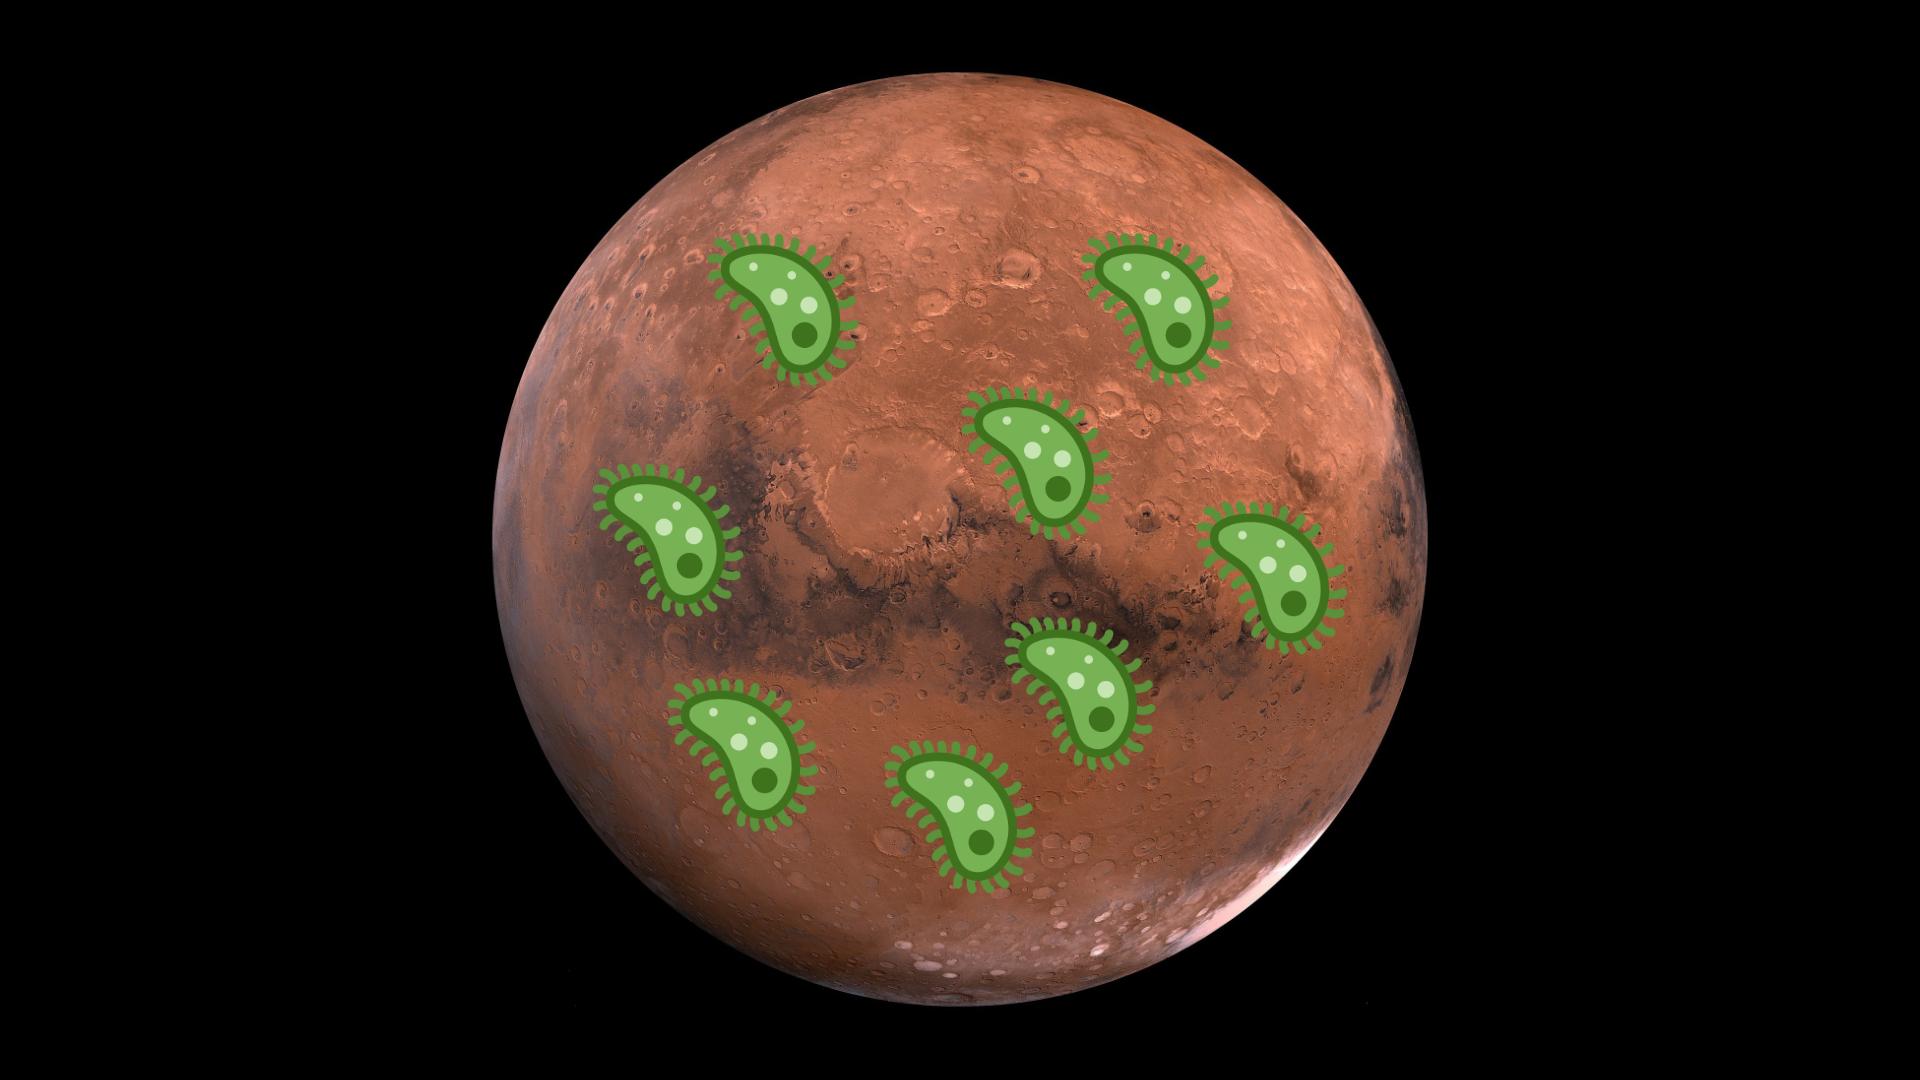 Pourquoi des microbes découverts sous terre passionnent les scientifiques qui cherchent la vie sur Mars